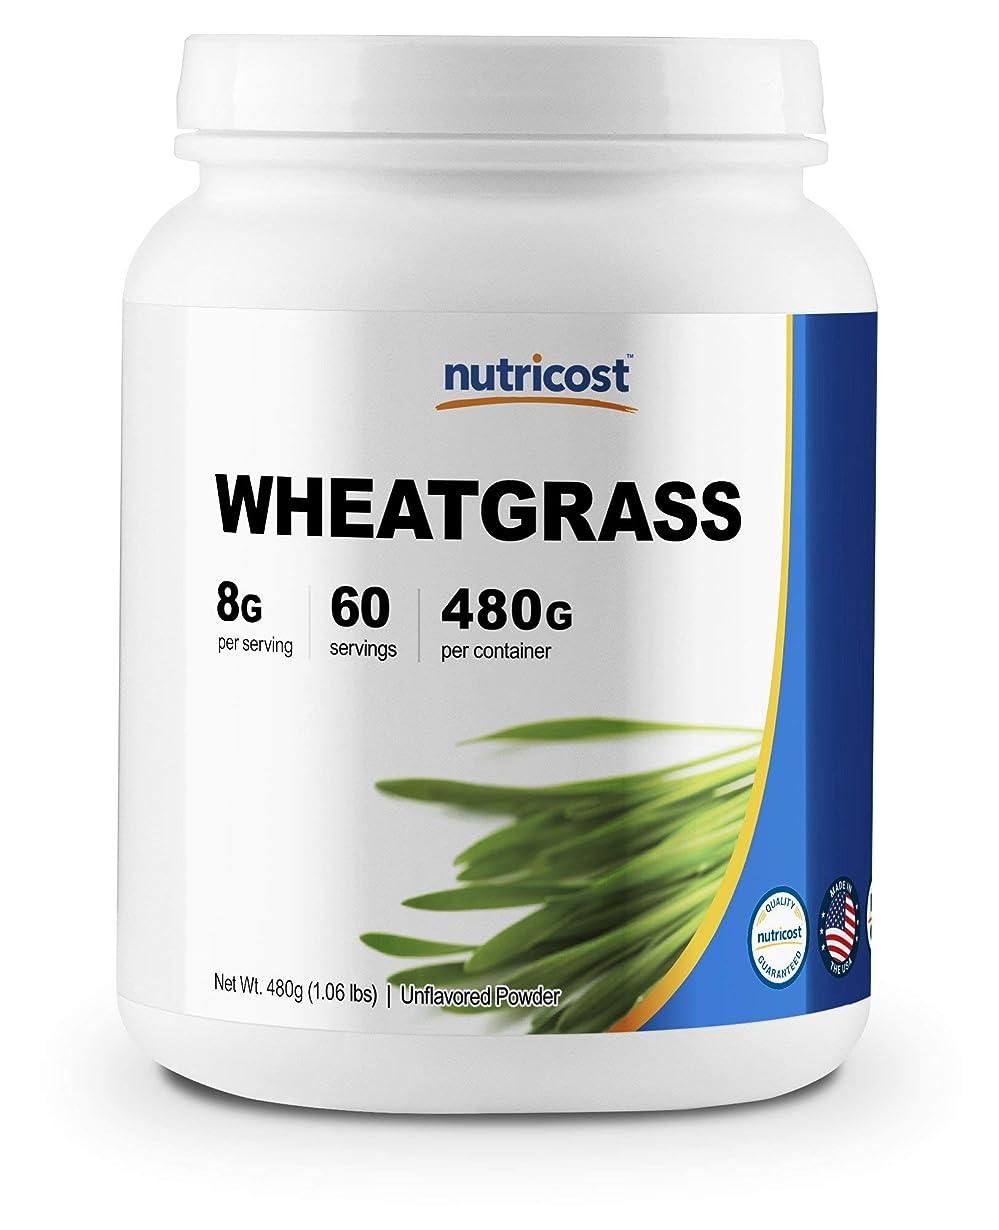 アイザック導入する信仰Nutricost ウィートグラスパウダー (小麦若葉)、60食分、非GMO、グルテンフリー